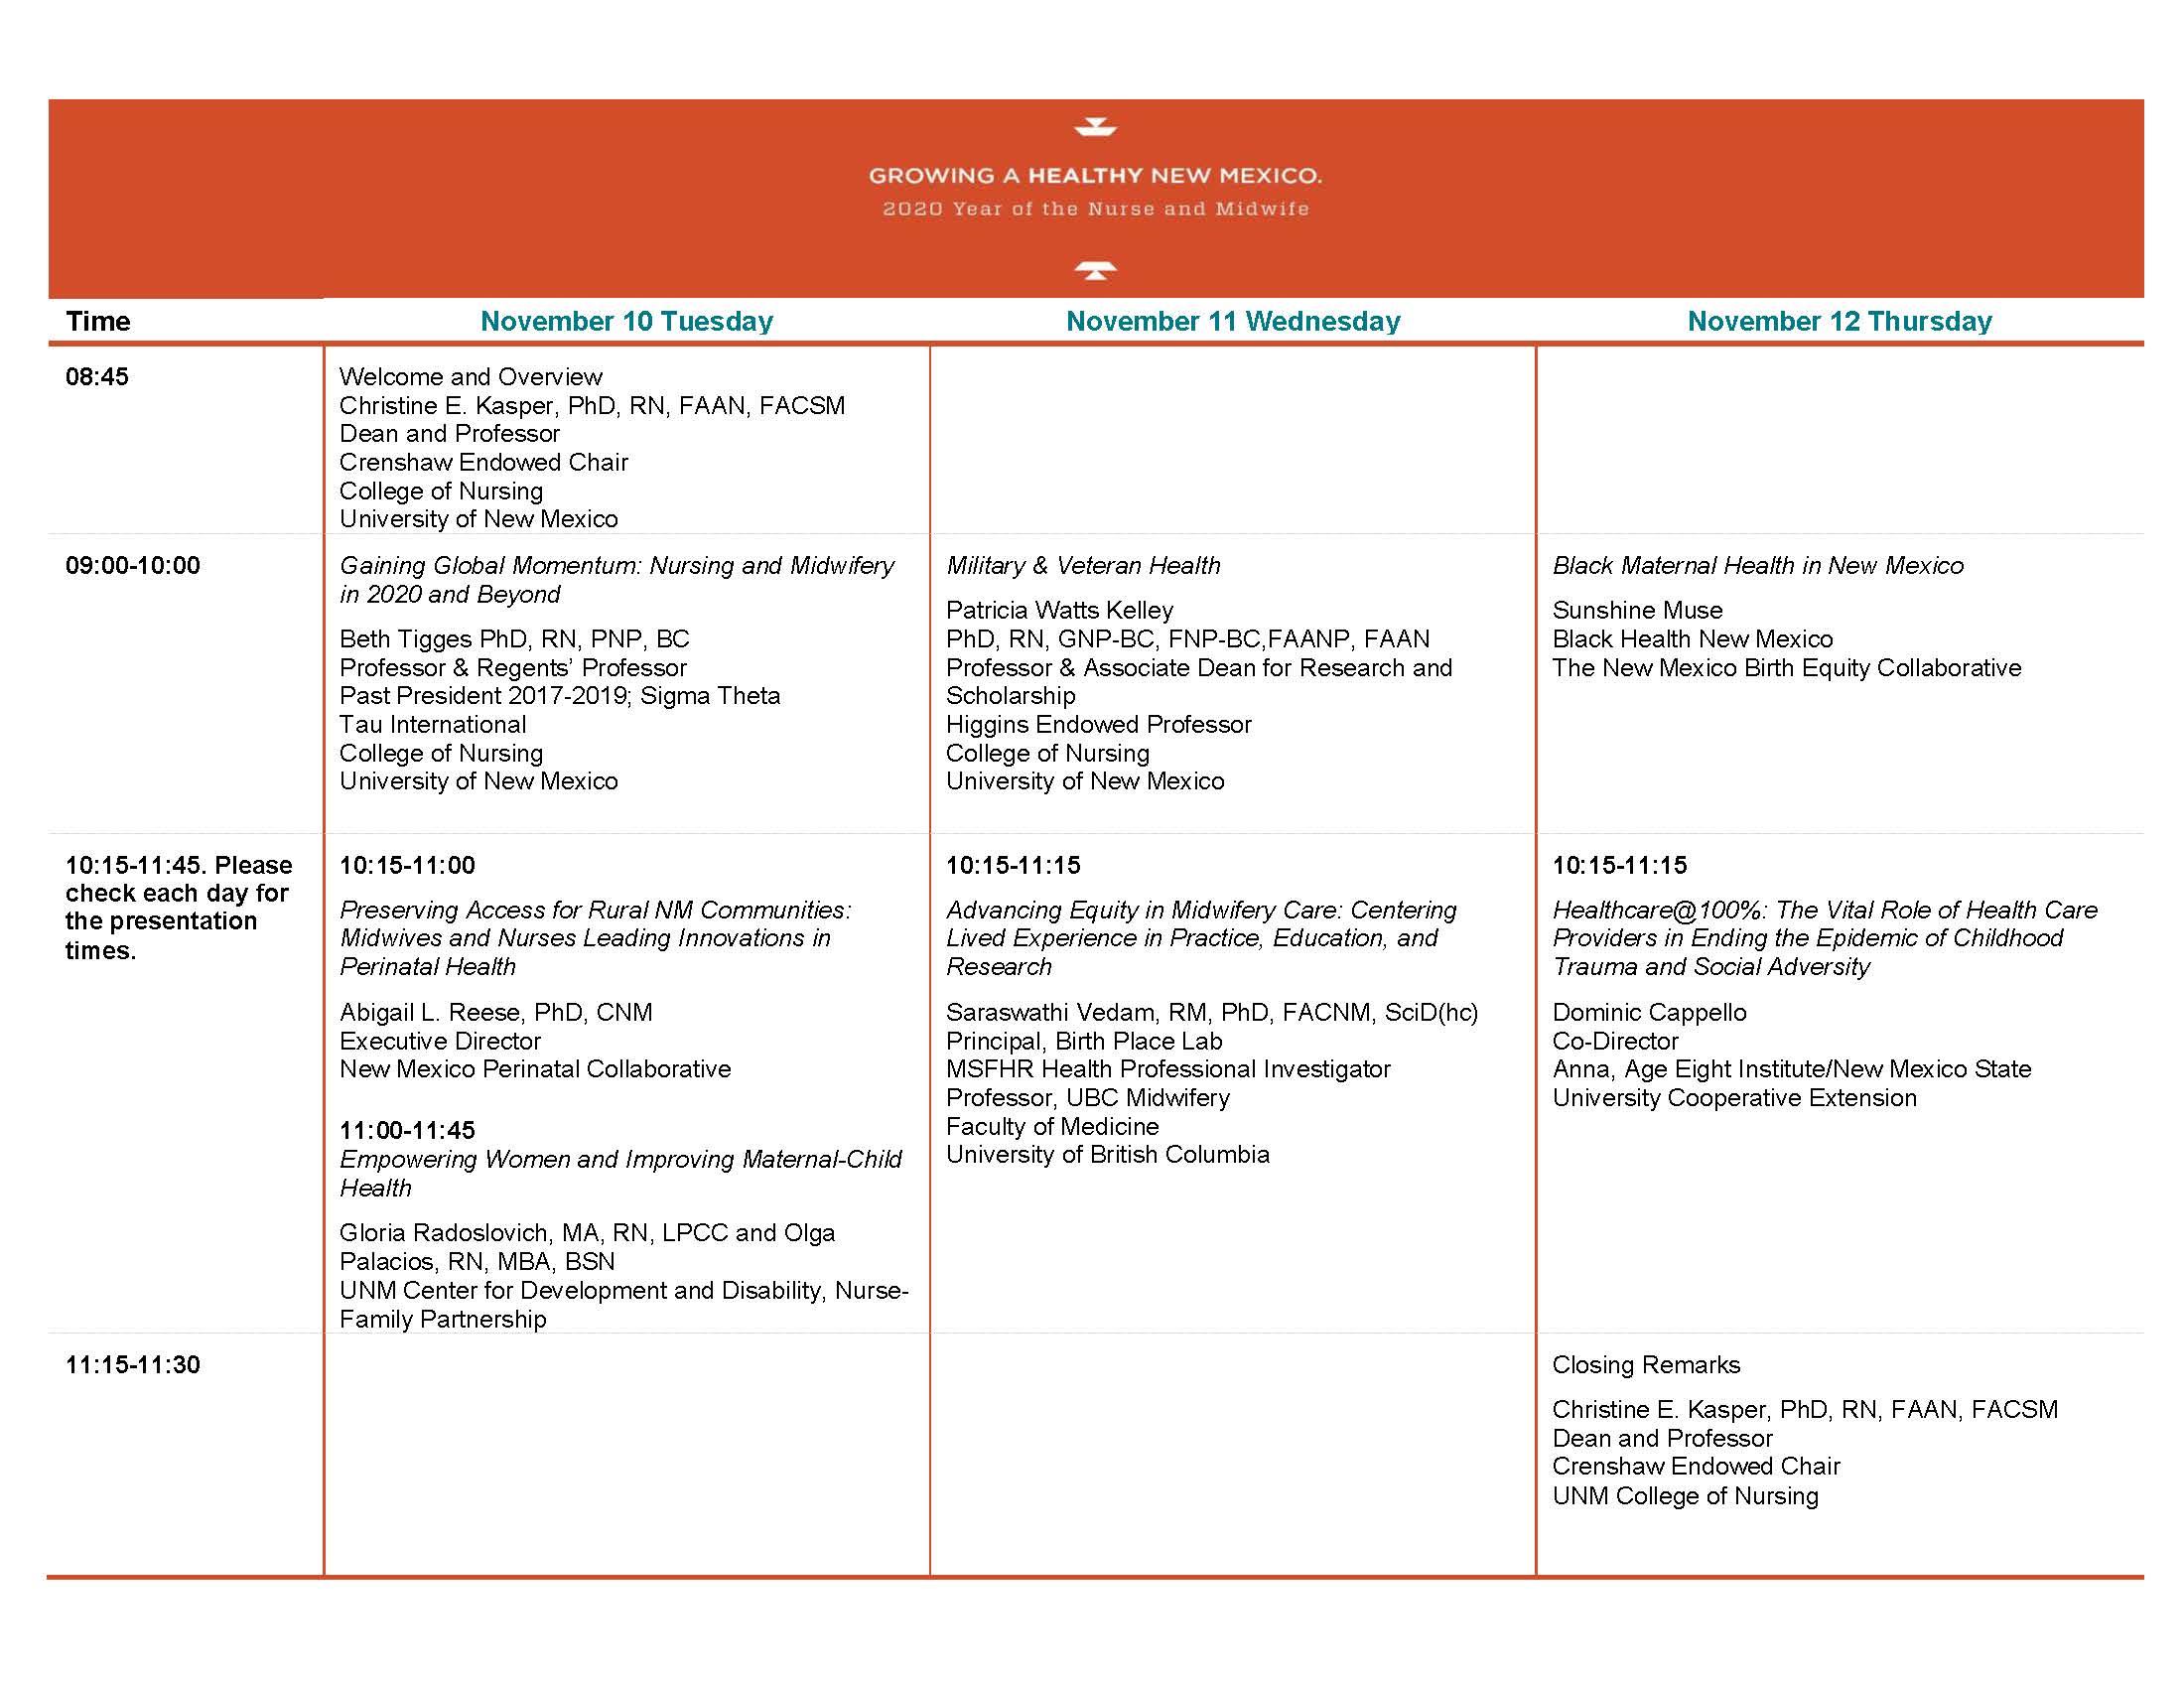 final-who-symposium-november-2020-schedule-of-speaker-11.01.2020.jpg